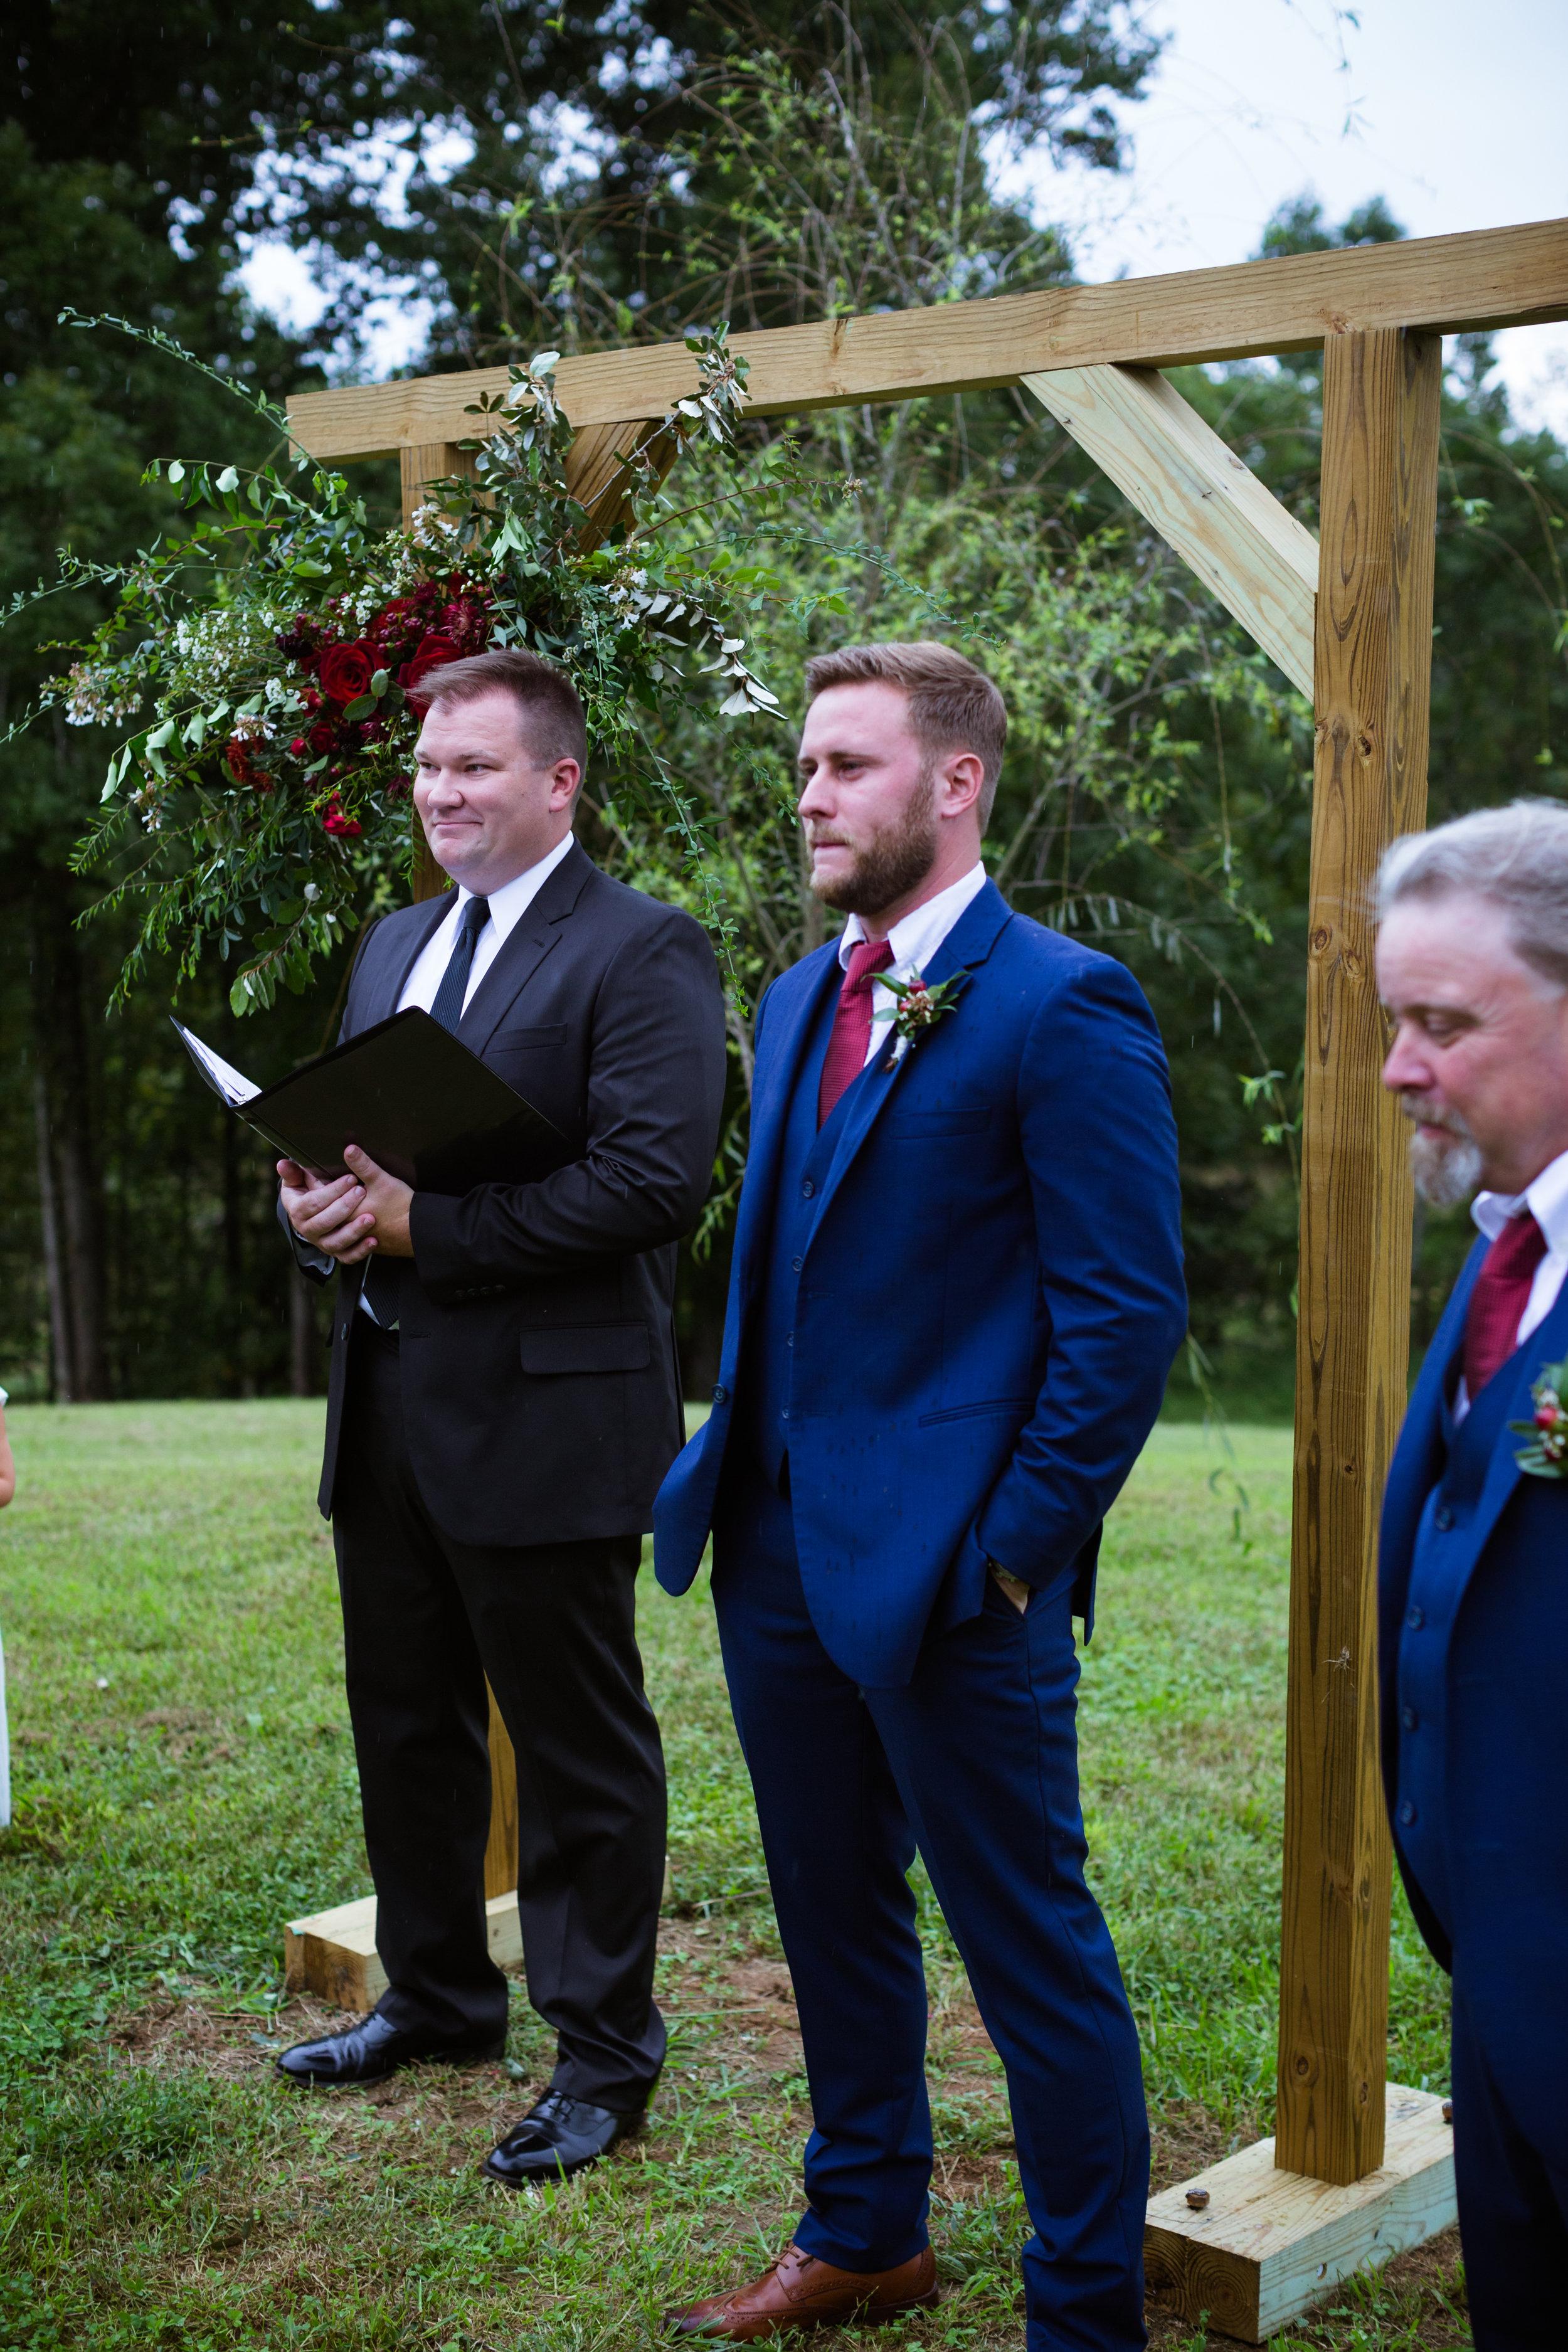 Kramer Wedding - Ceremony-8.jpg